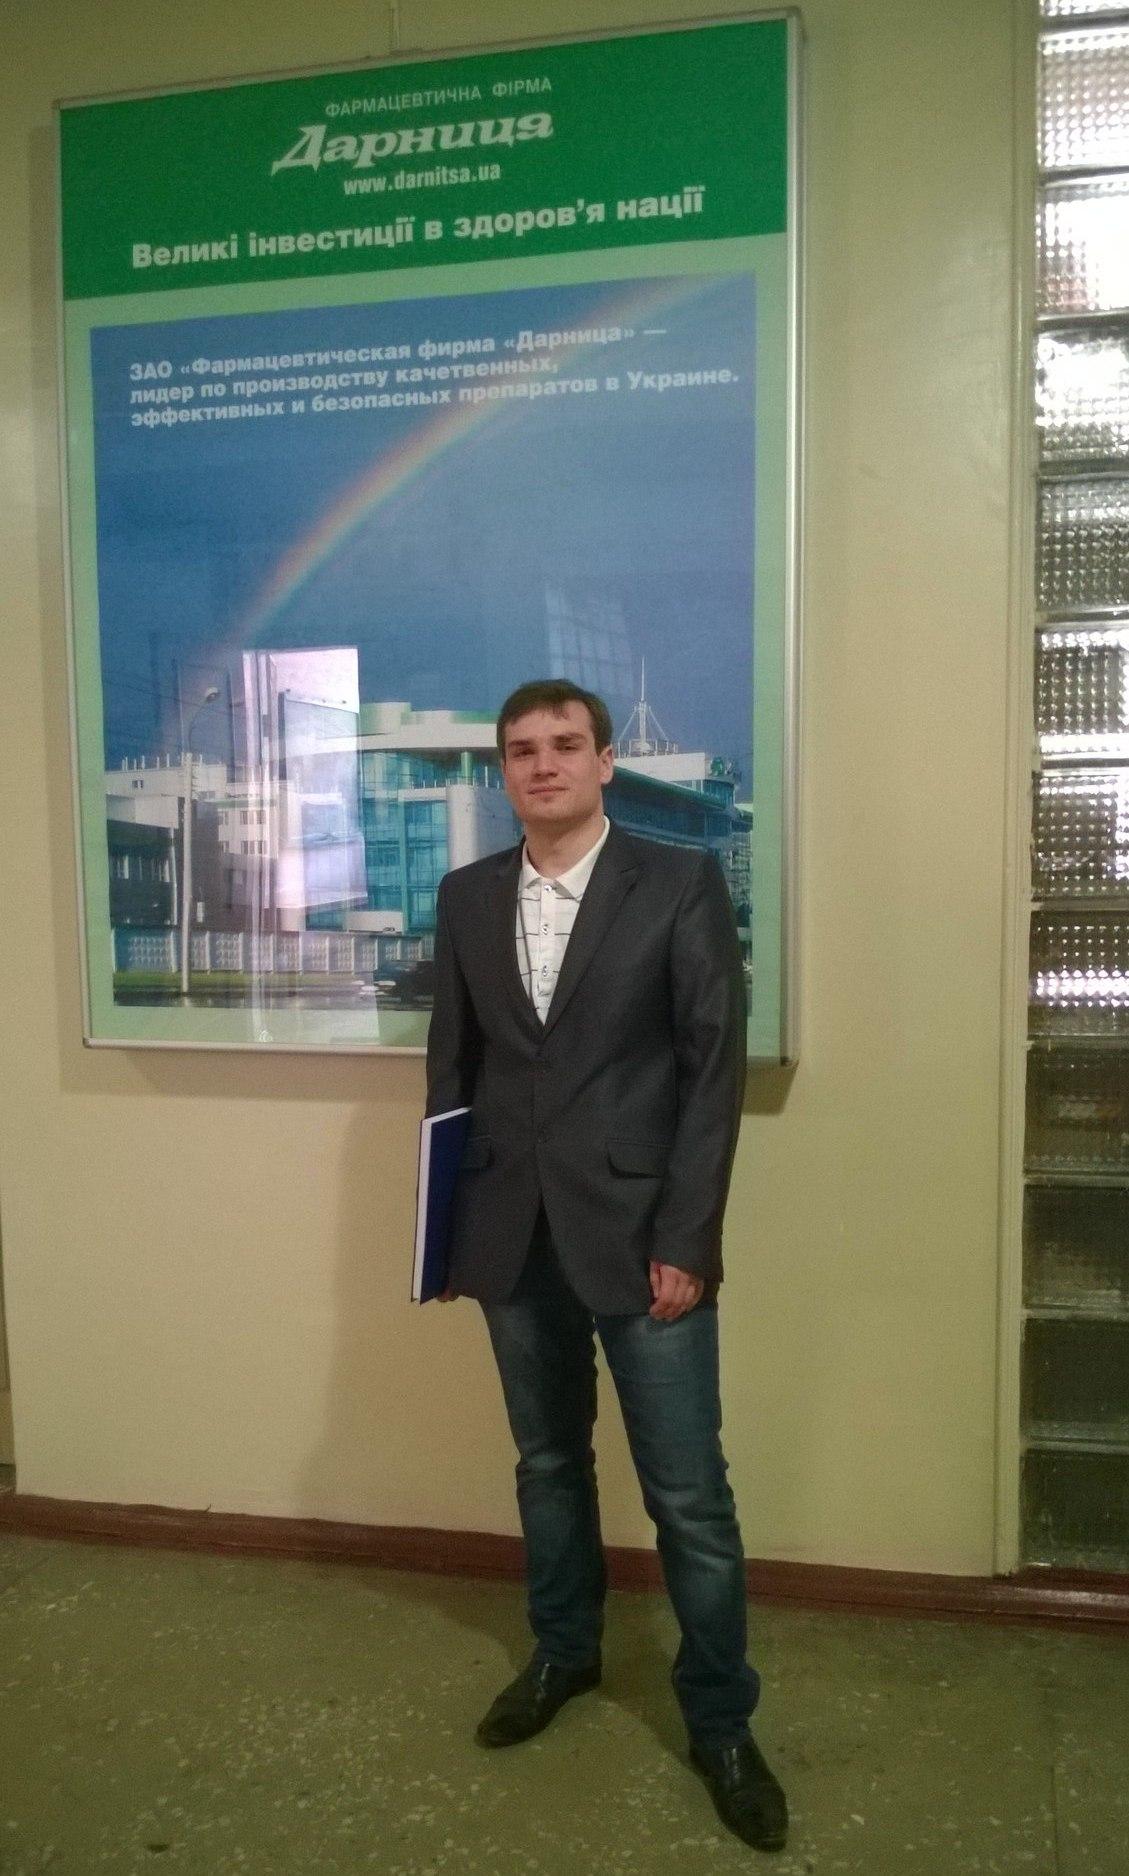 Сергей Прищепа